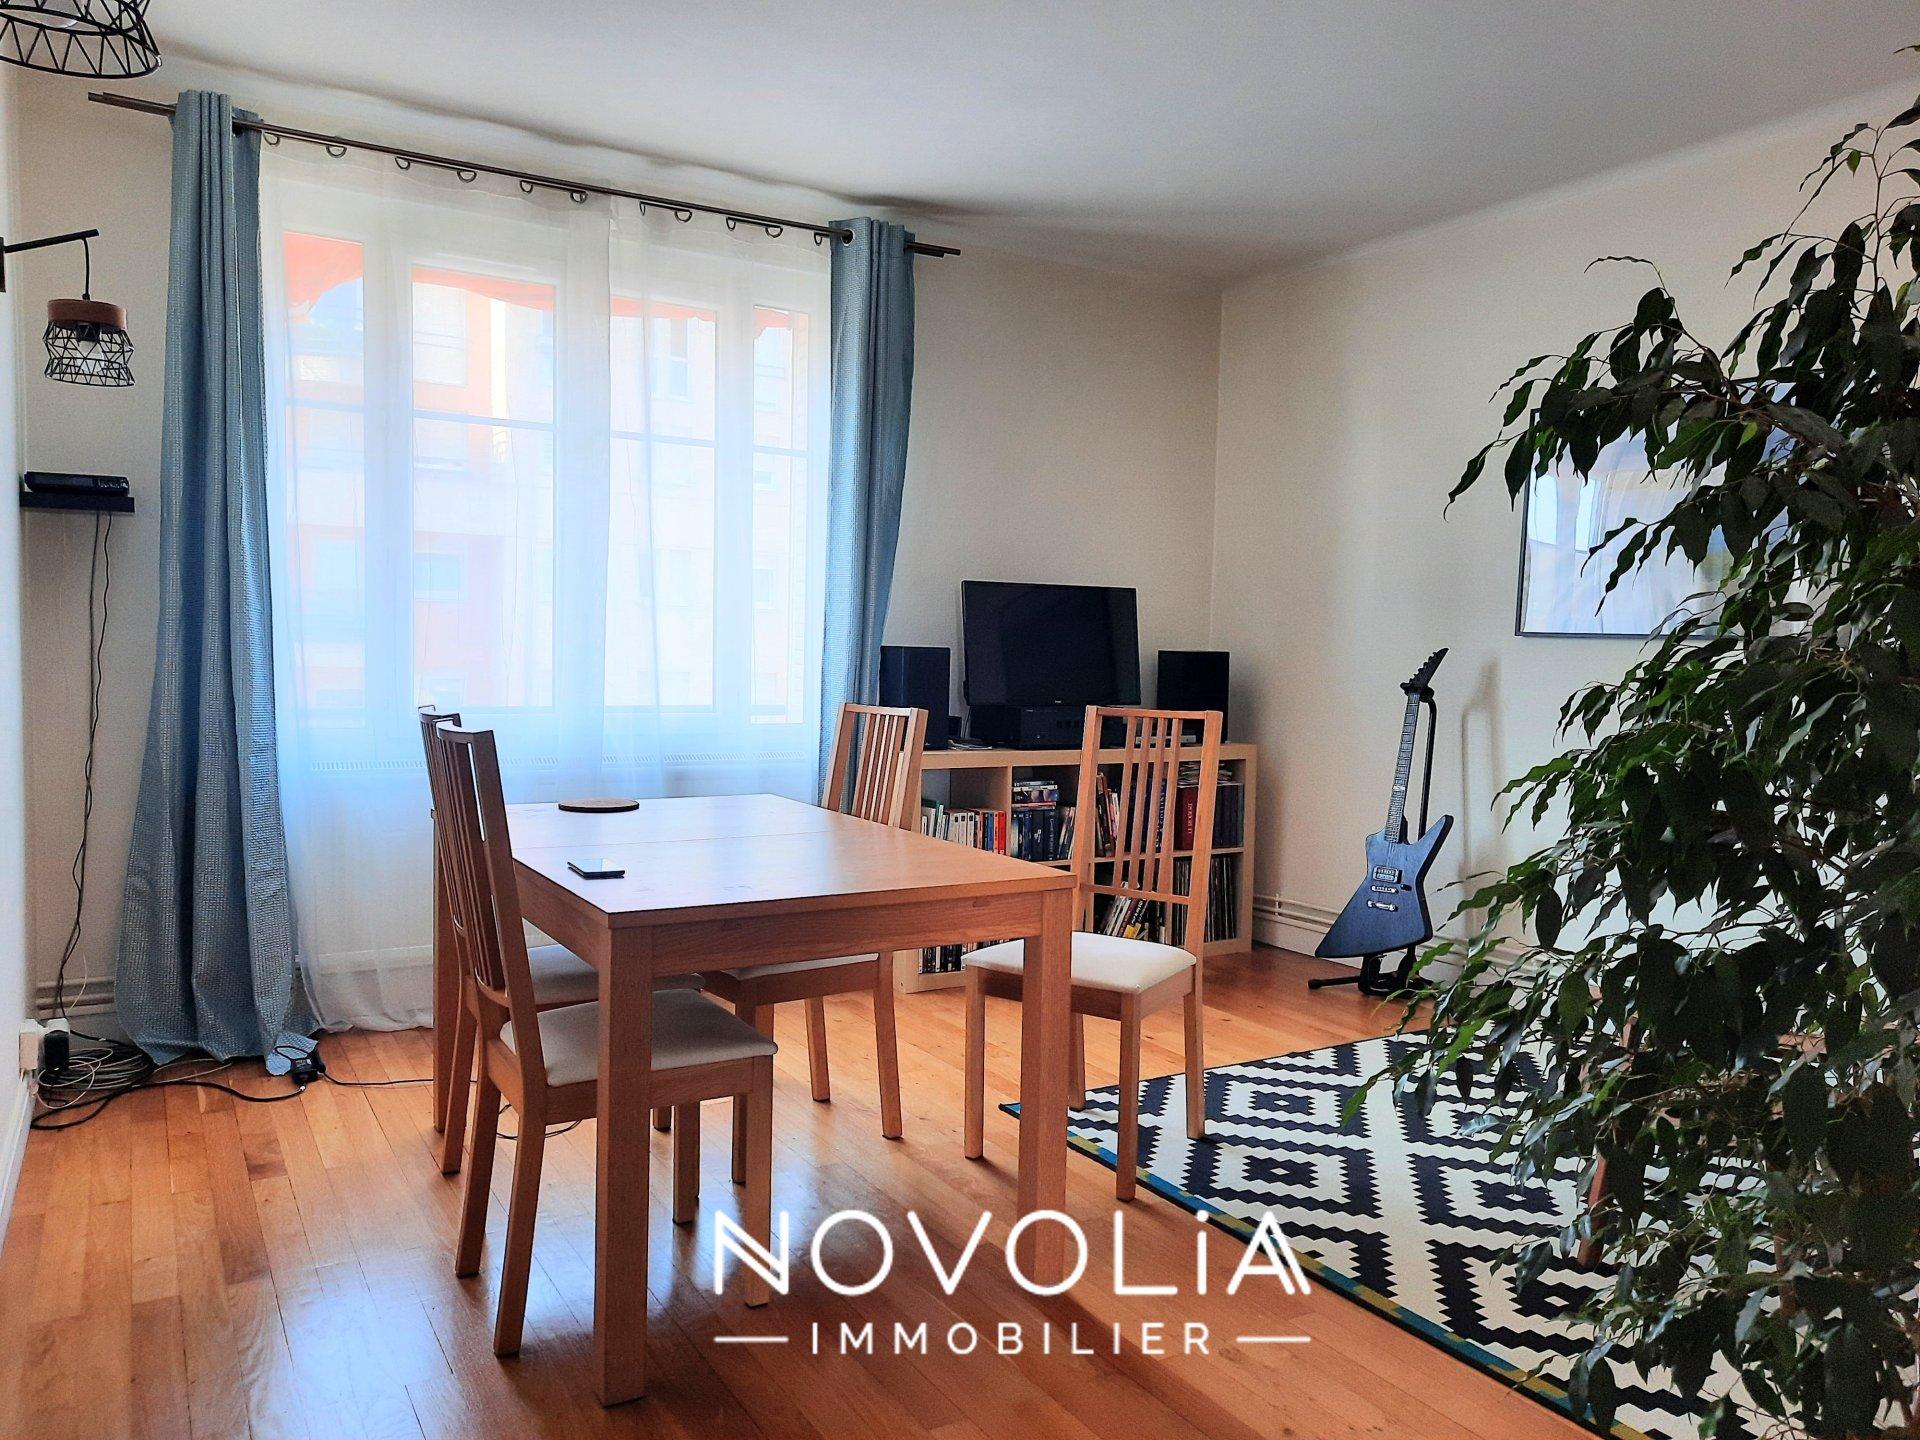 Achat Appartement Surface de 70.01 m²/ Total carrez : 70 m², 3 pièces, Villeurbanne (69100)